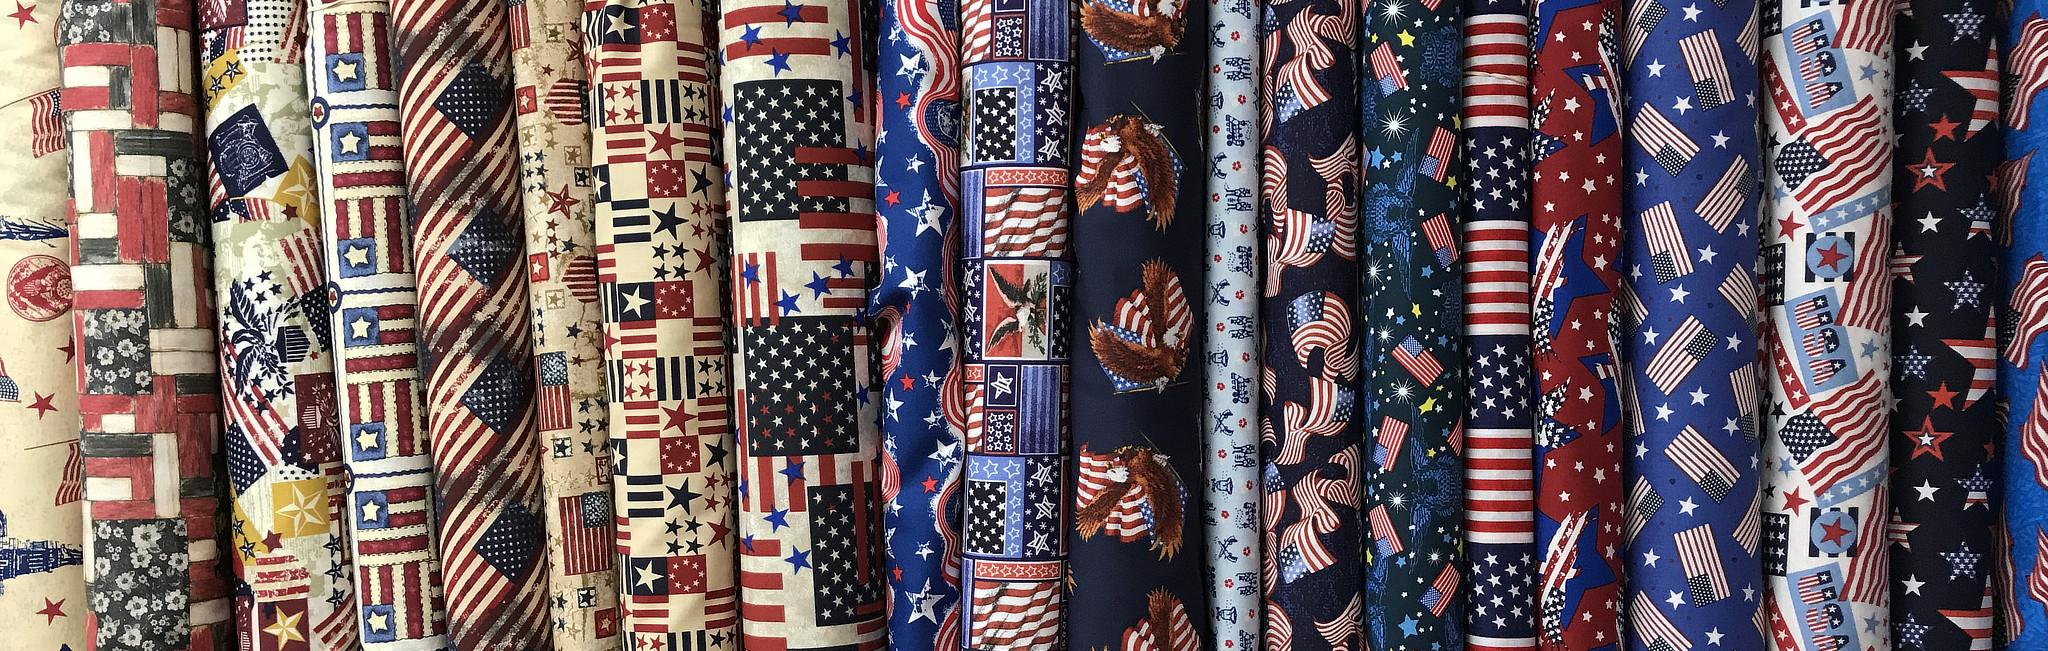 USA Patriotic Prints